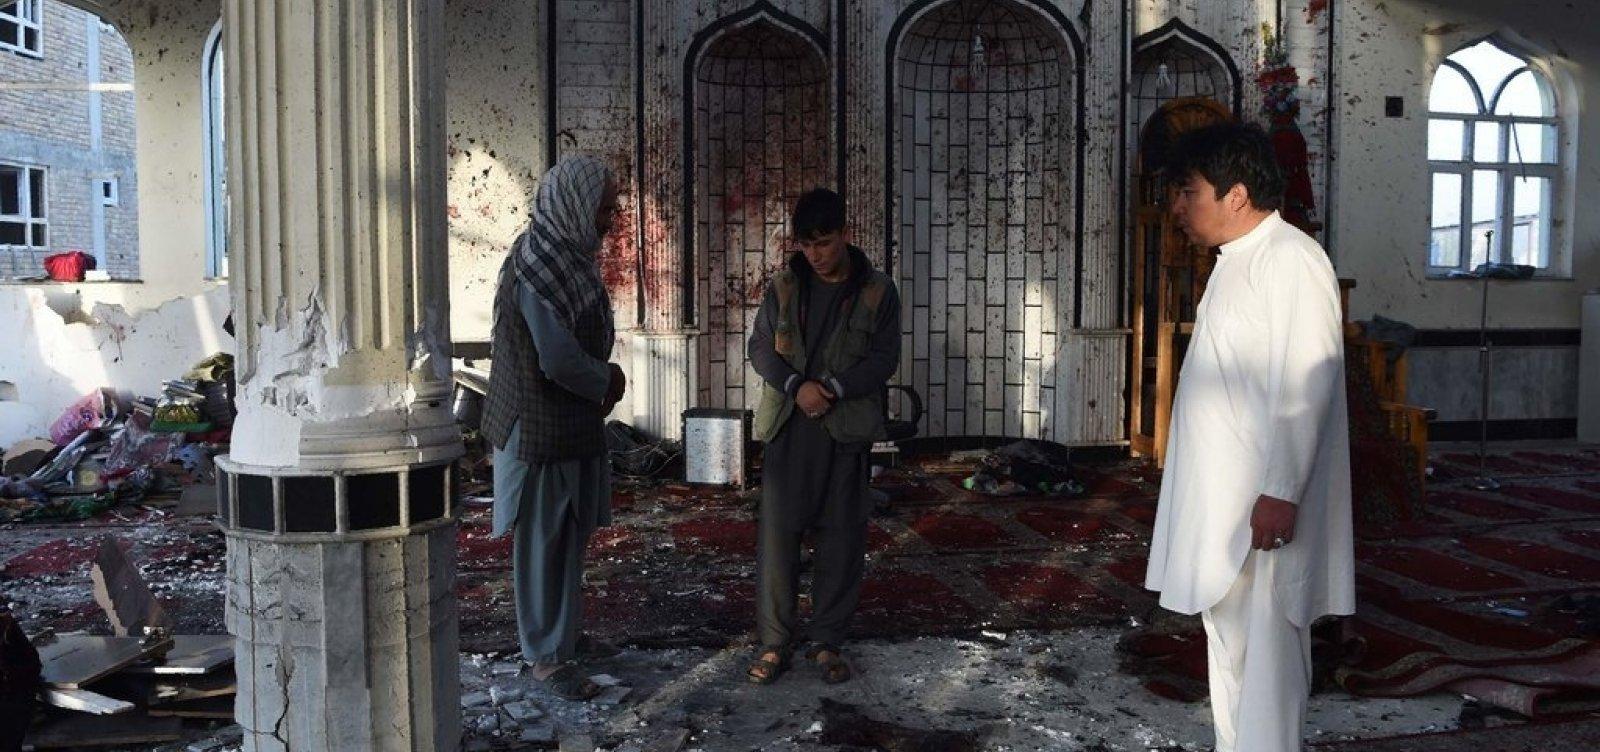 Ataque a mesquita no Afeganistão deixa 62 mortos e 40 feridos